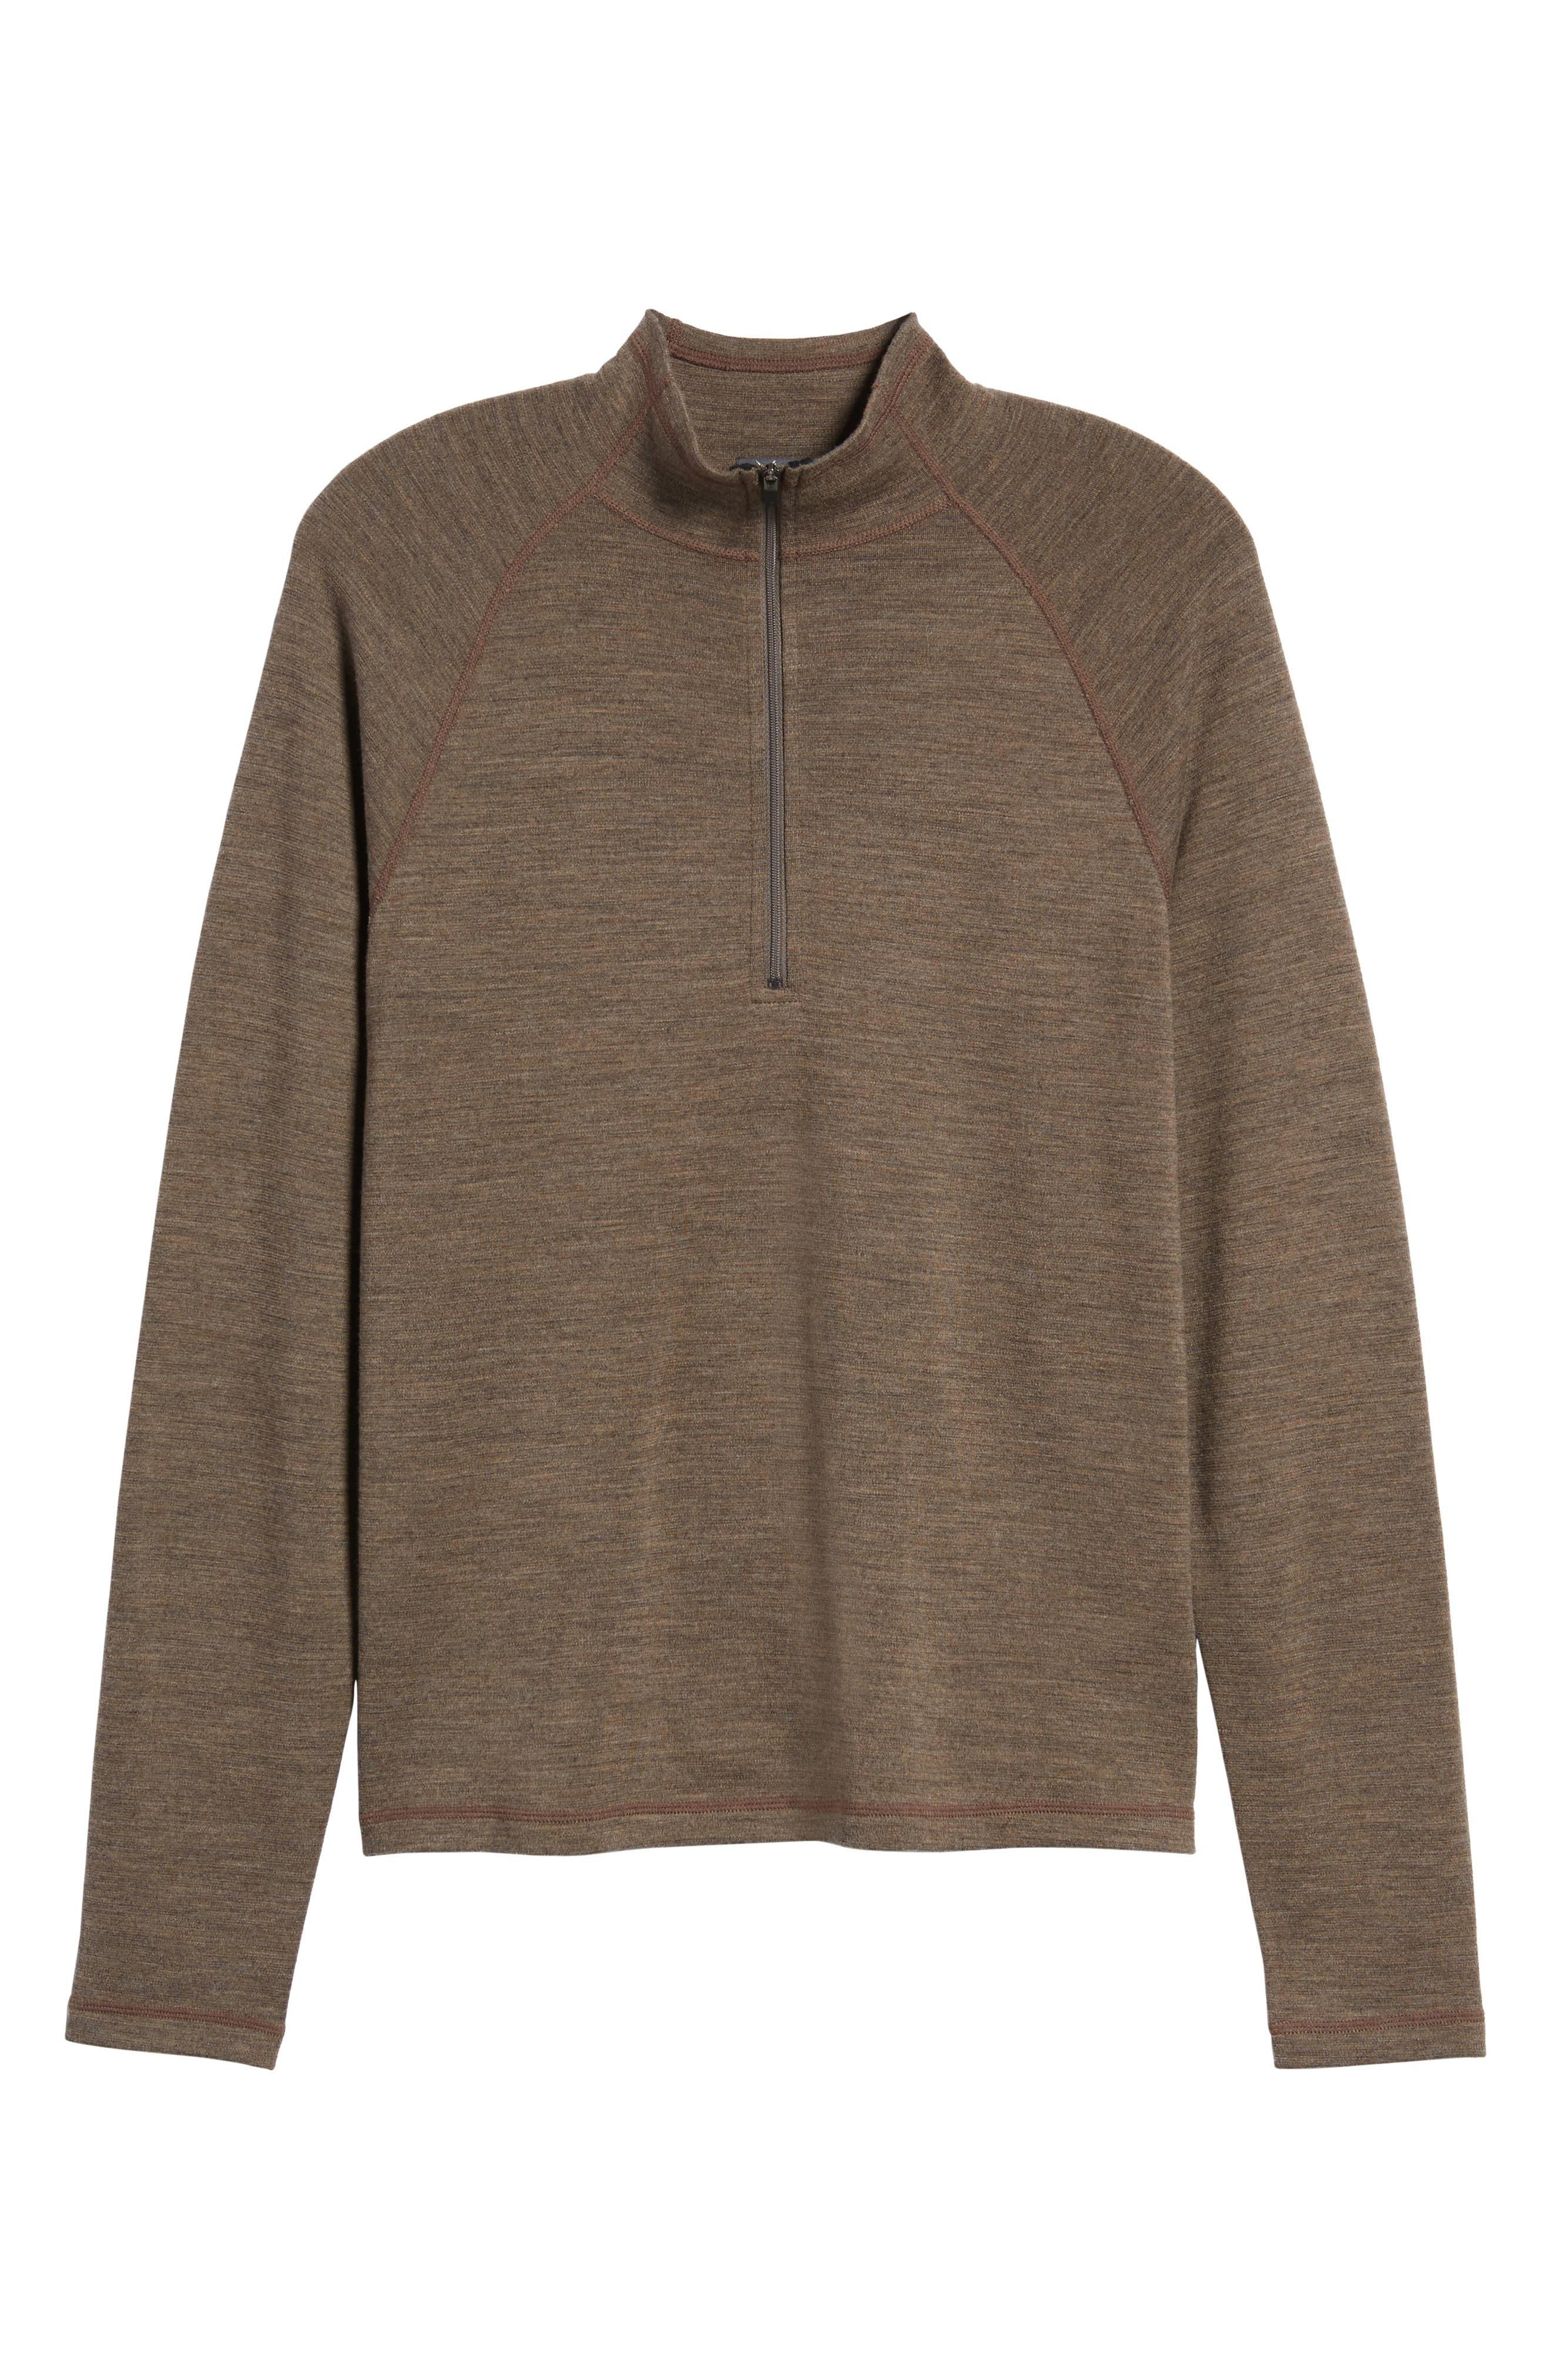 Alternate Image 4  - ibex 'Shak' Merino Wool Quarter Zip Top